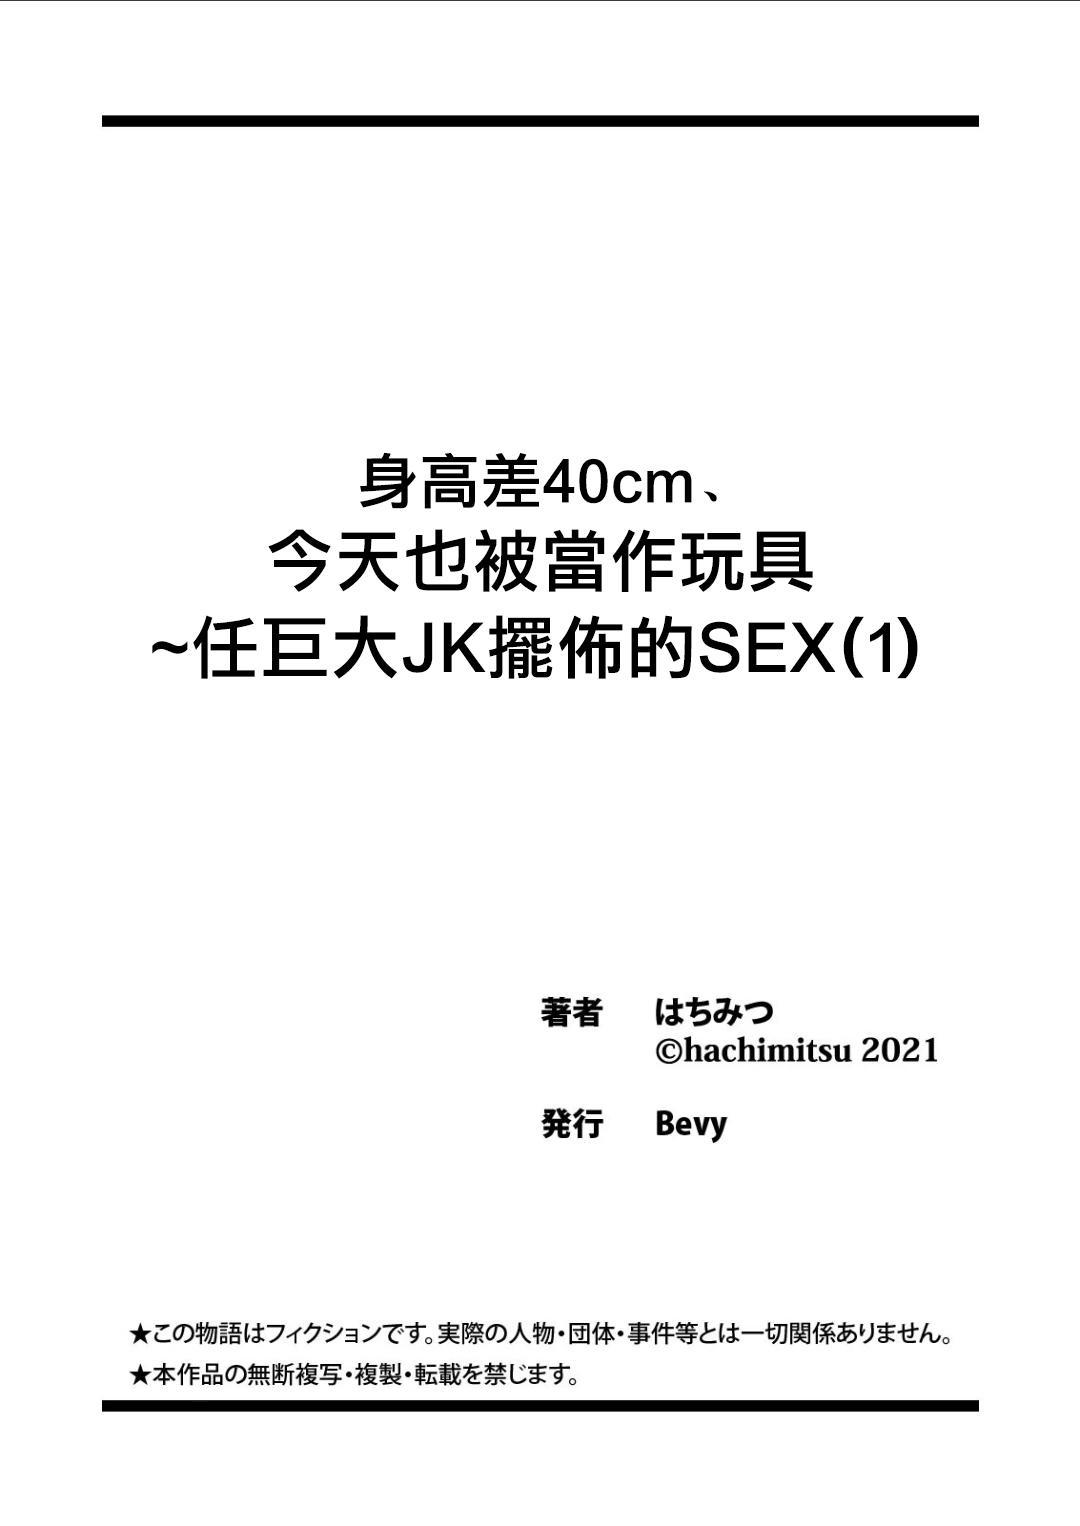 [Hachimitsu] Shinchousa 40cm, Kyou mo Omocha ni Saretemasu ~ Dekkai JK no Iinari SEX (1)  | 身高差40cm、今天也被當作玩具任巨大JK擺佈的SEX ch.1 [Chinese] [沒有漢化] 27